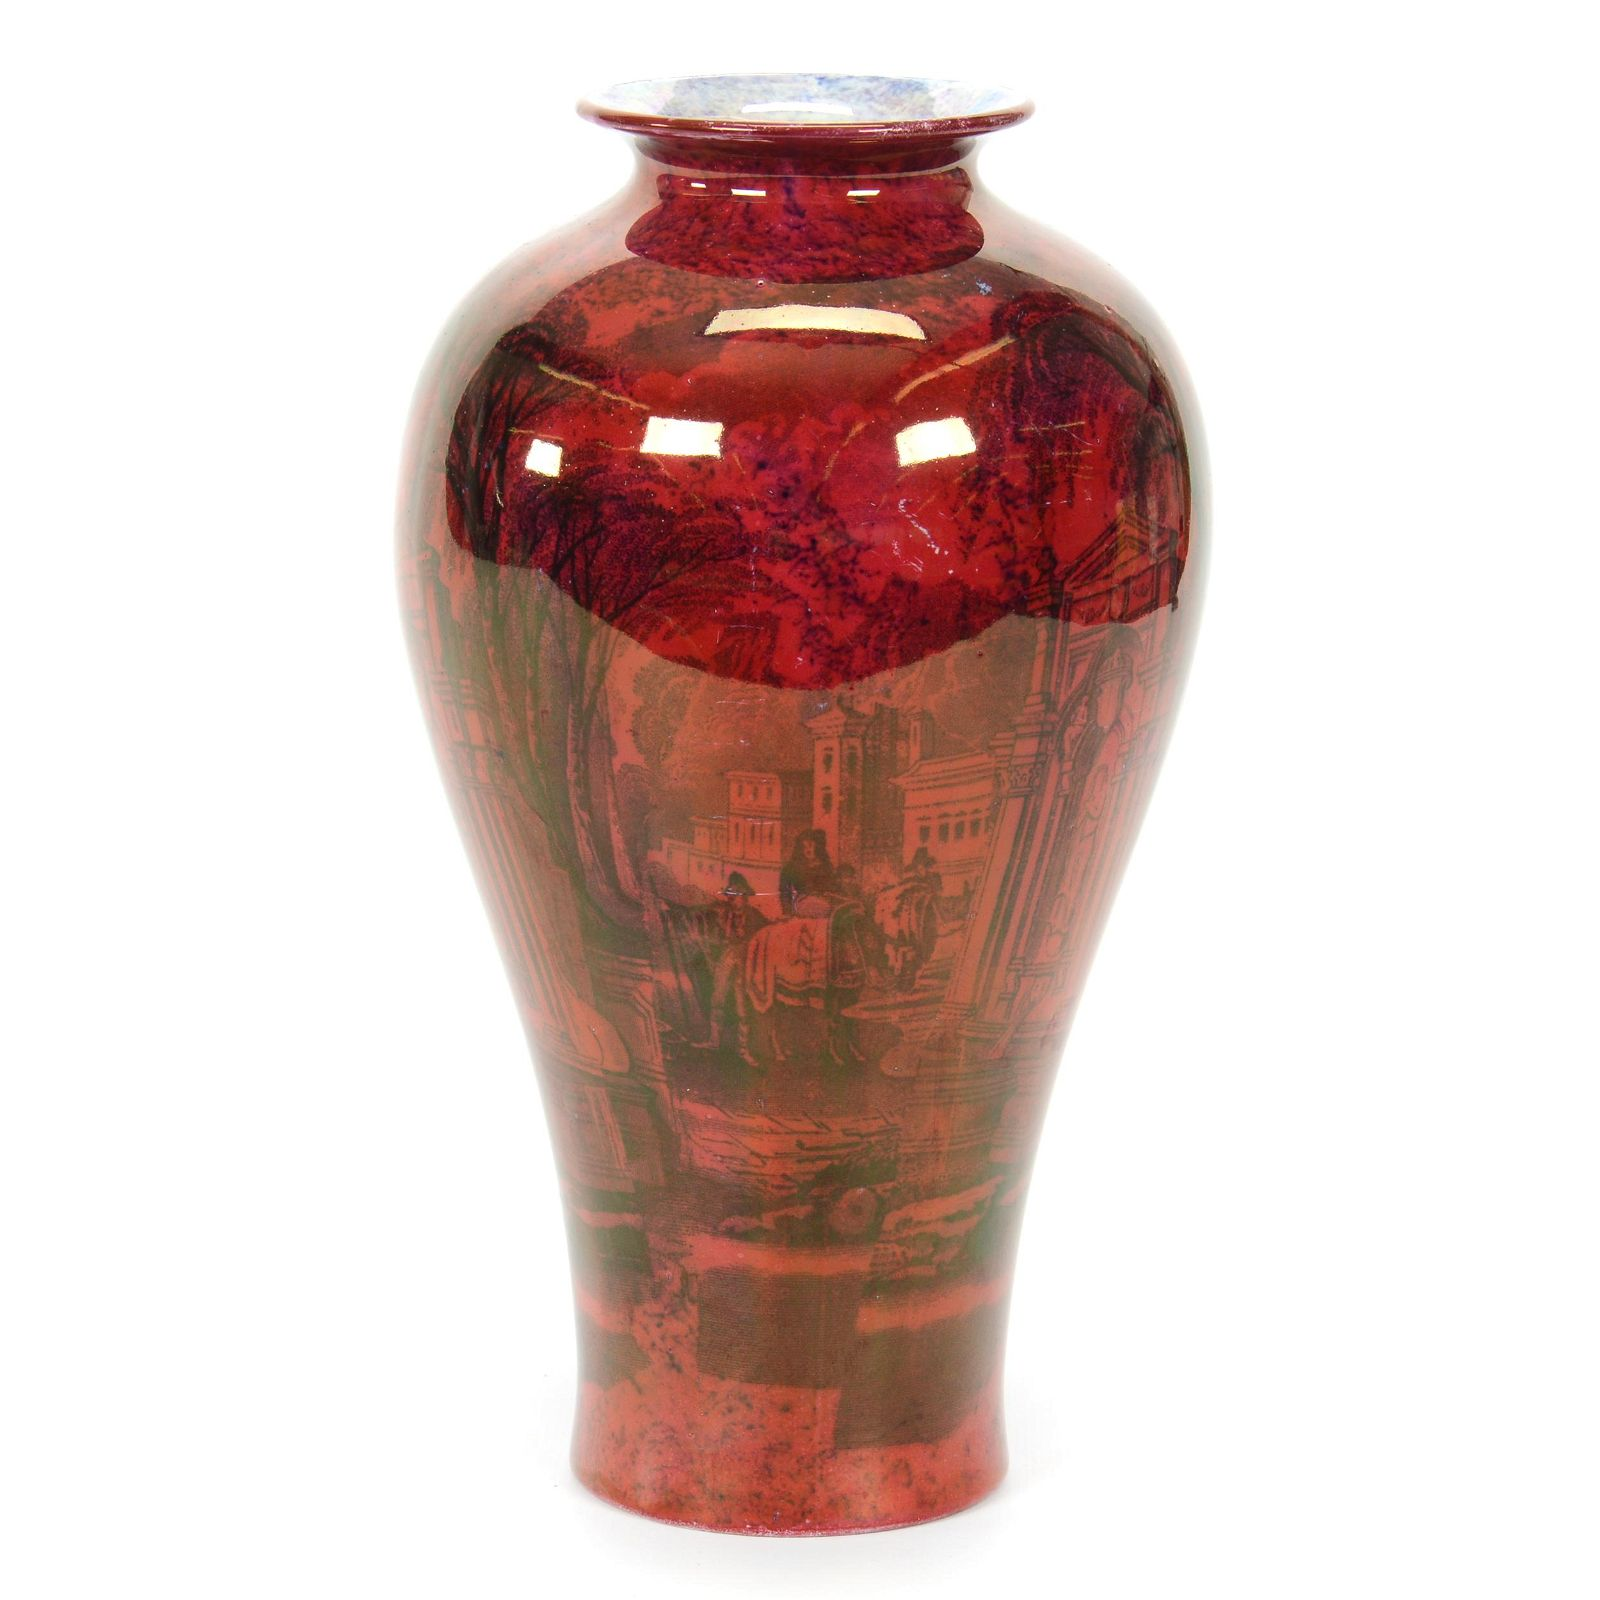 Vase Marked Stoke On Trent Wilton Ware